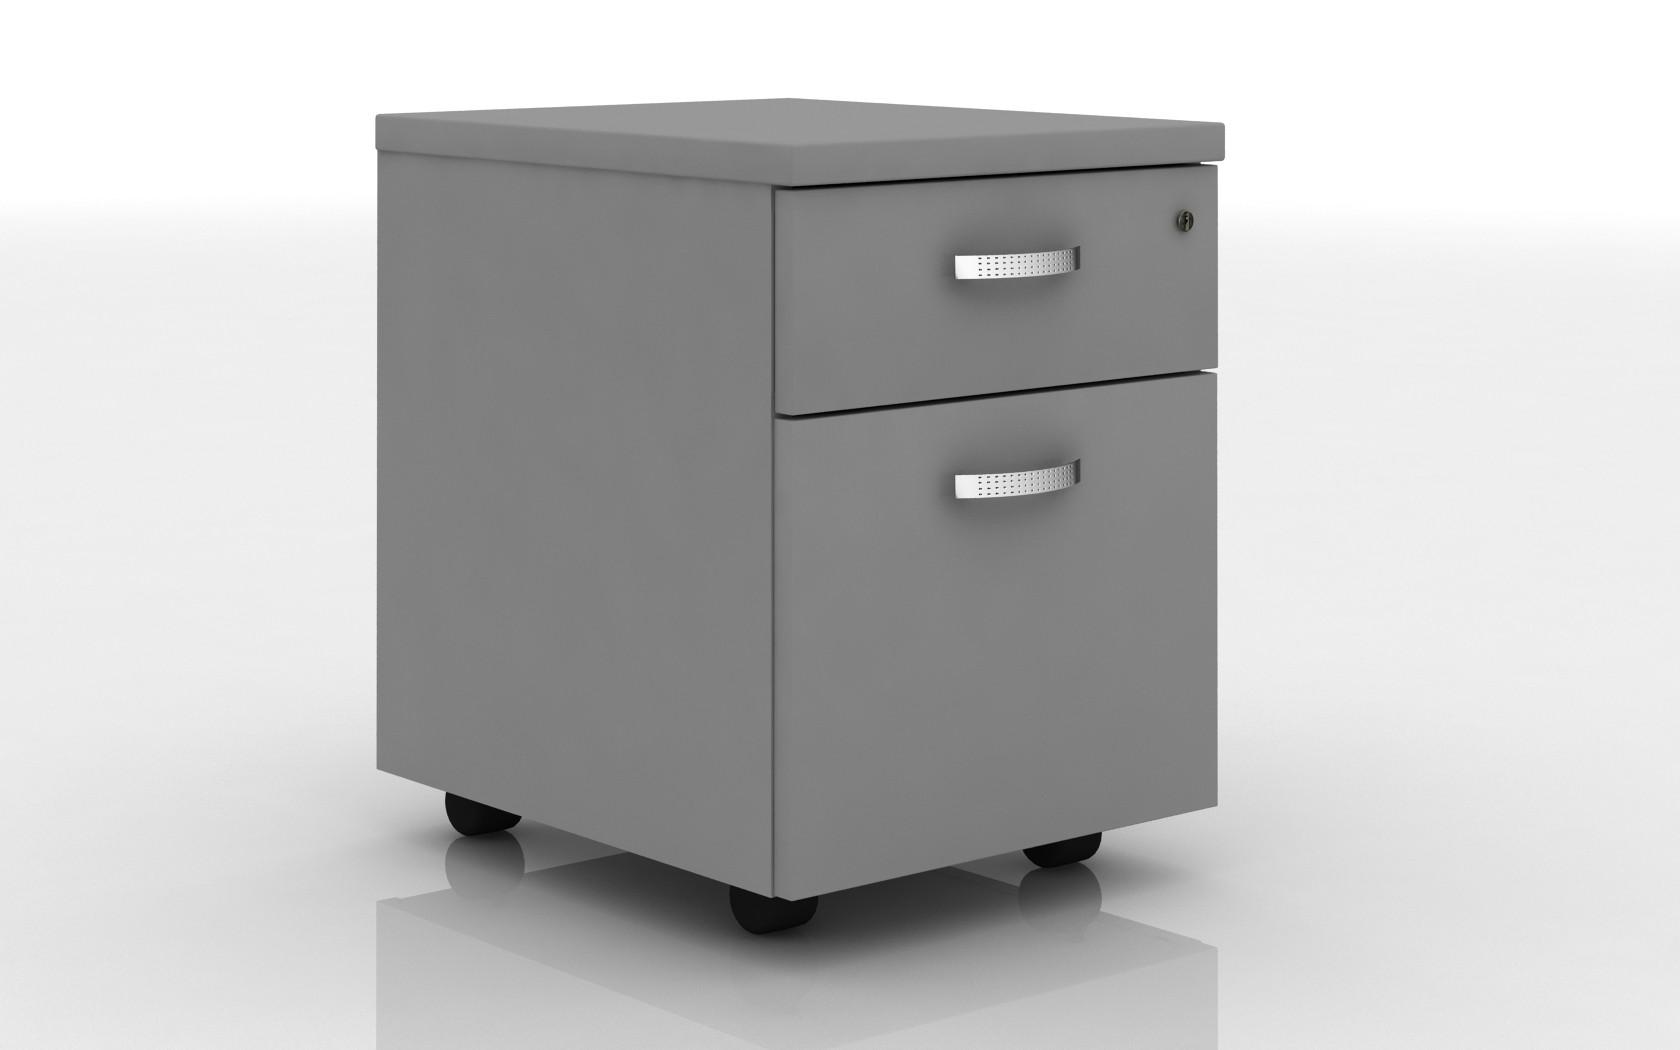 caisson mobile pour bureau r glable en hauteur achat caisson 233 00. Black Bedroom Furniture Sets. Home Design Ideas